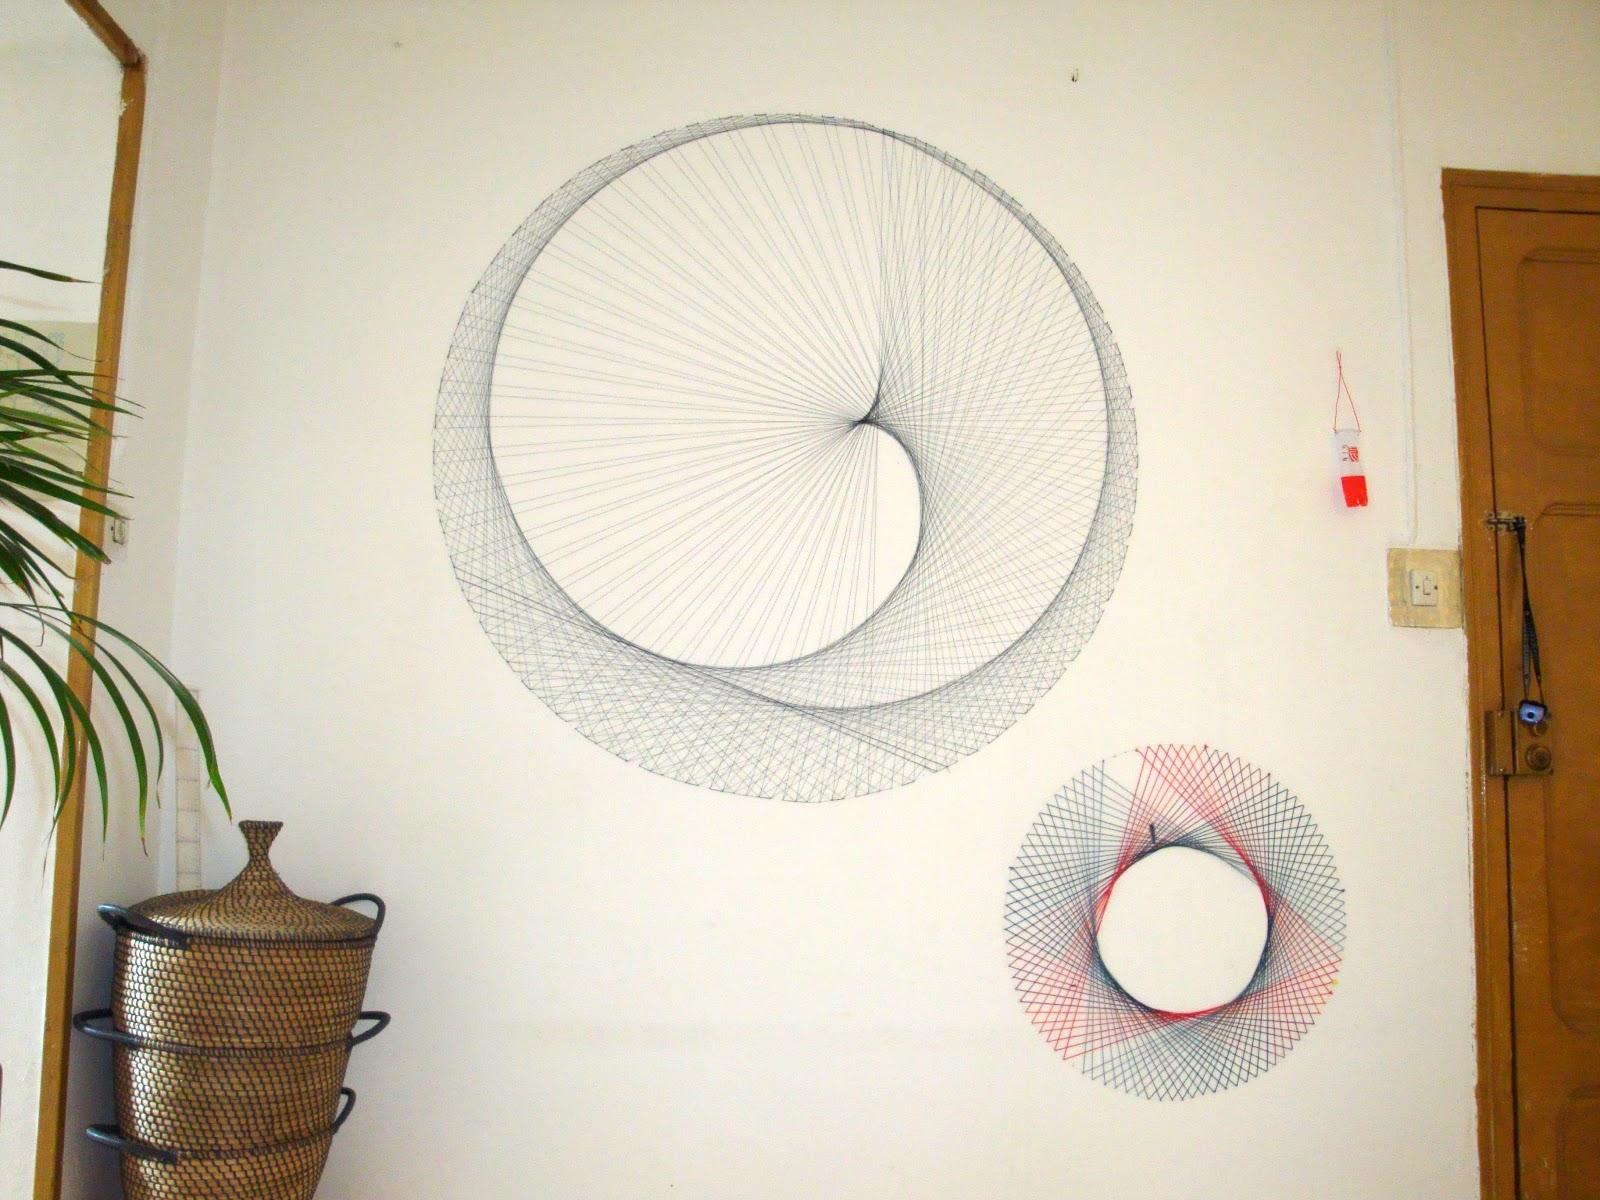 Oly ria string art o arte de hilo tensado - Clavos para pared ...